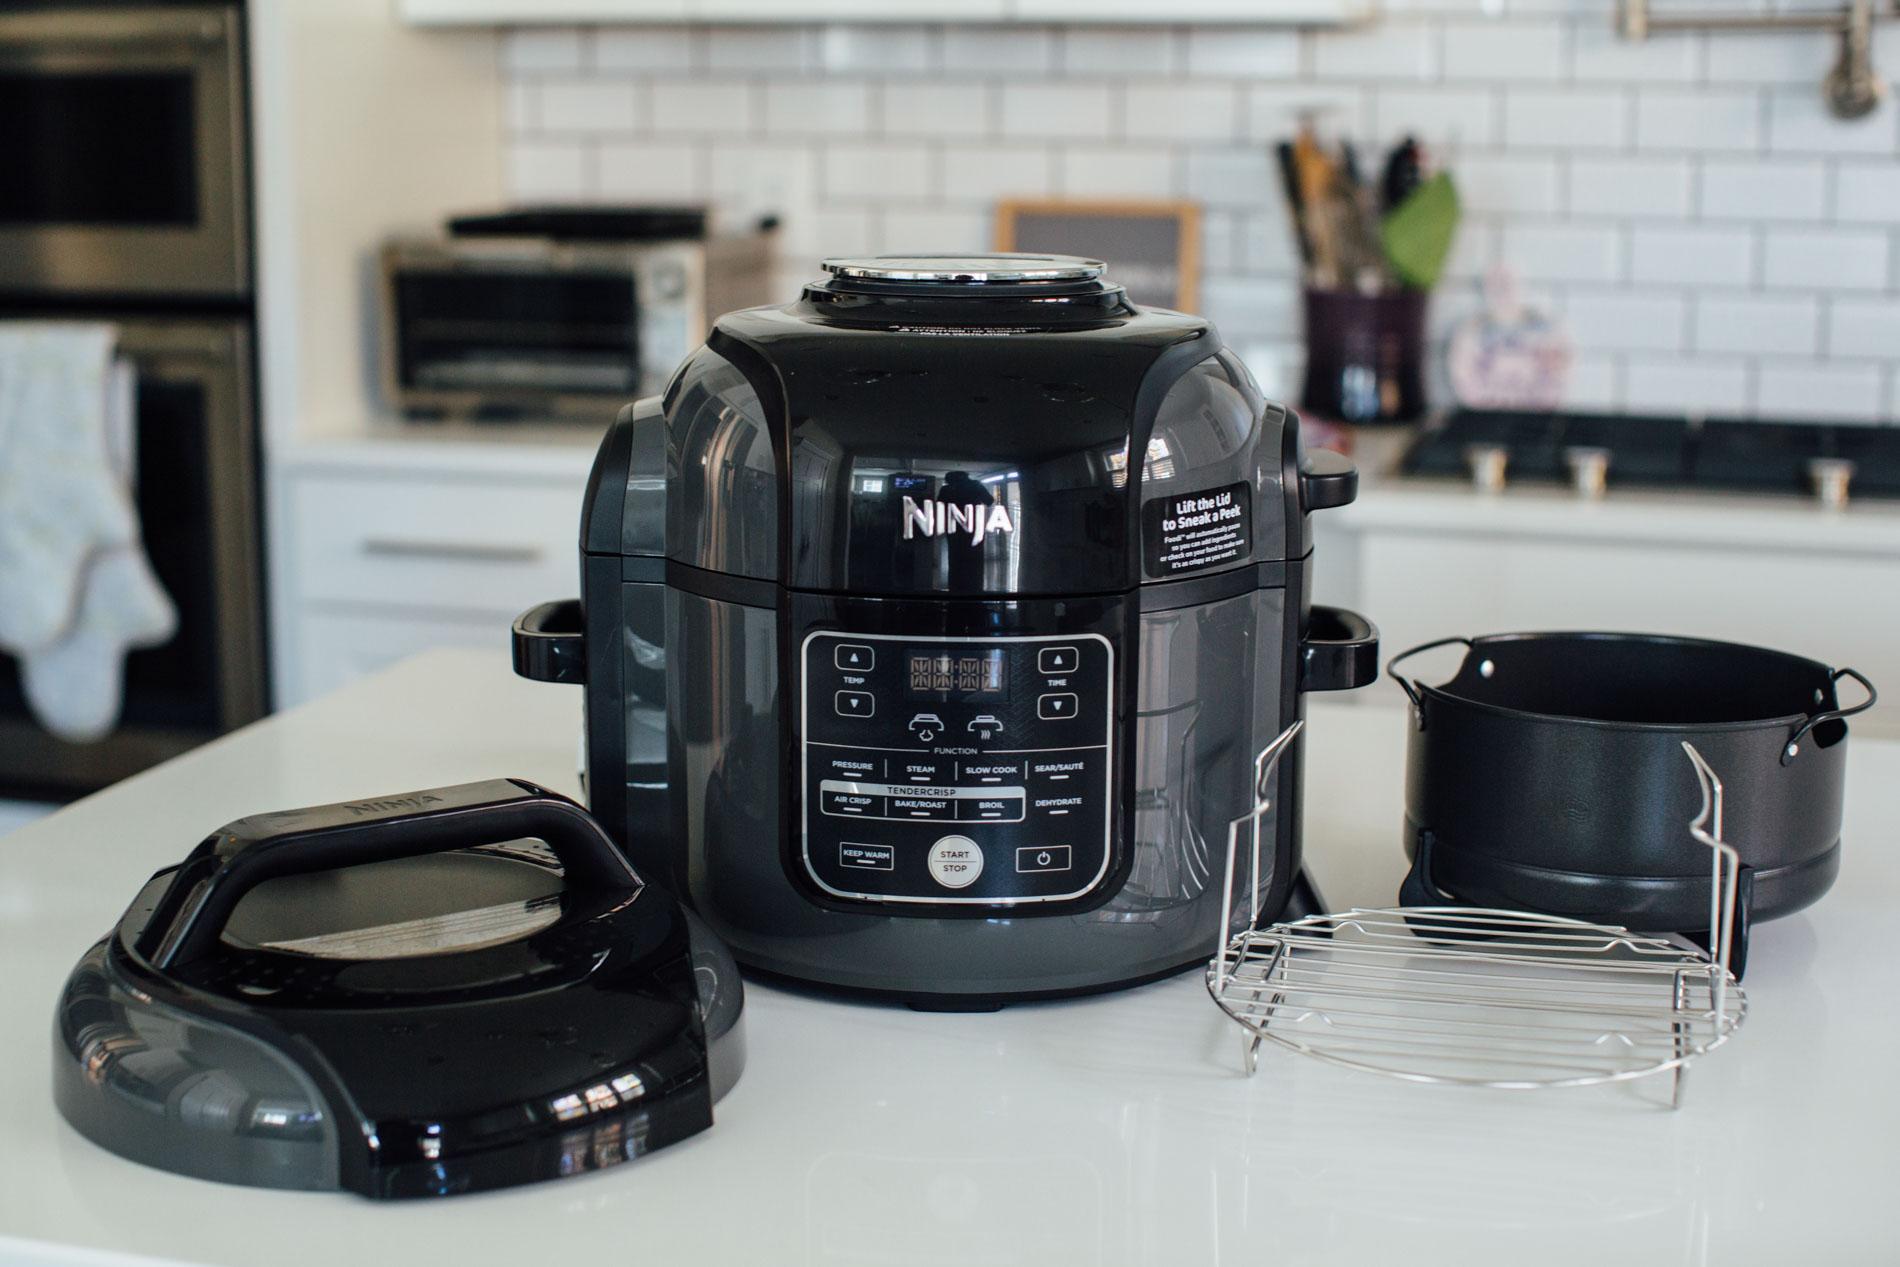 instant pot or ninja foodi? - pressure cooker and air